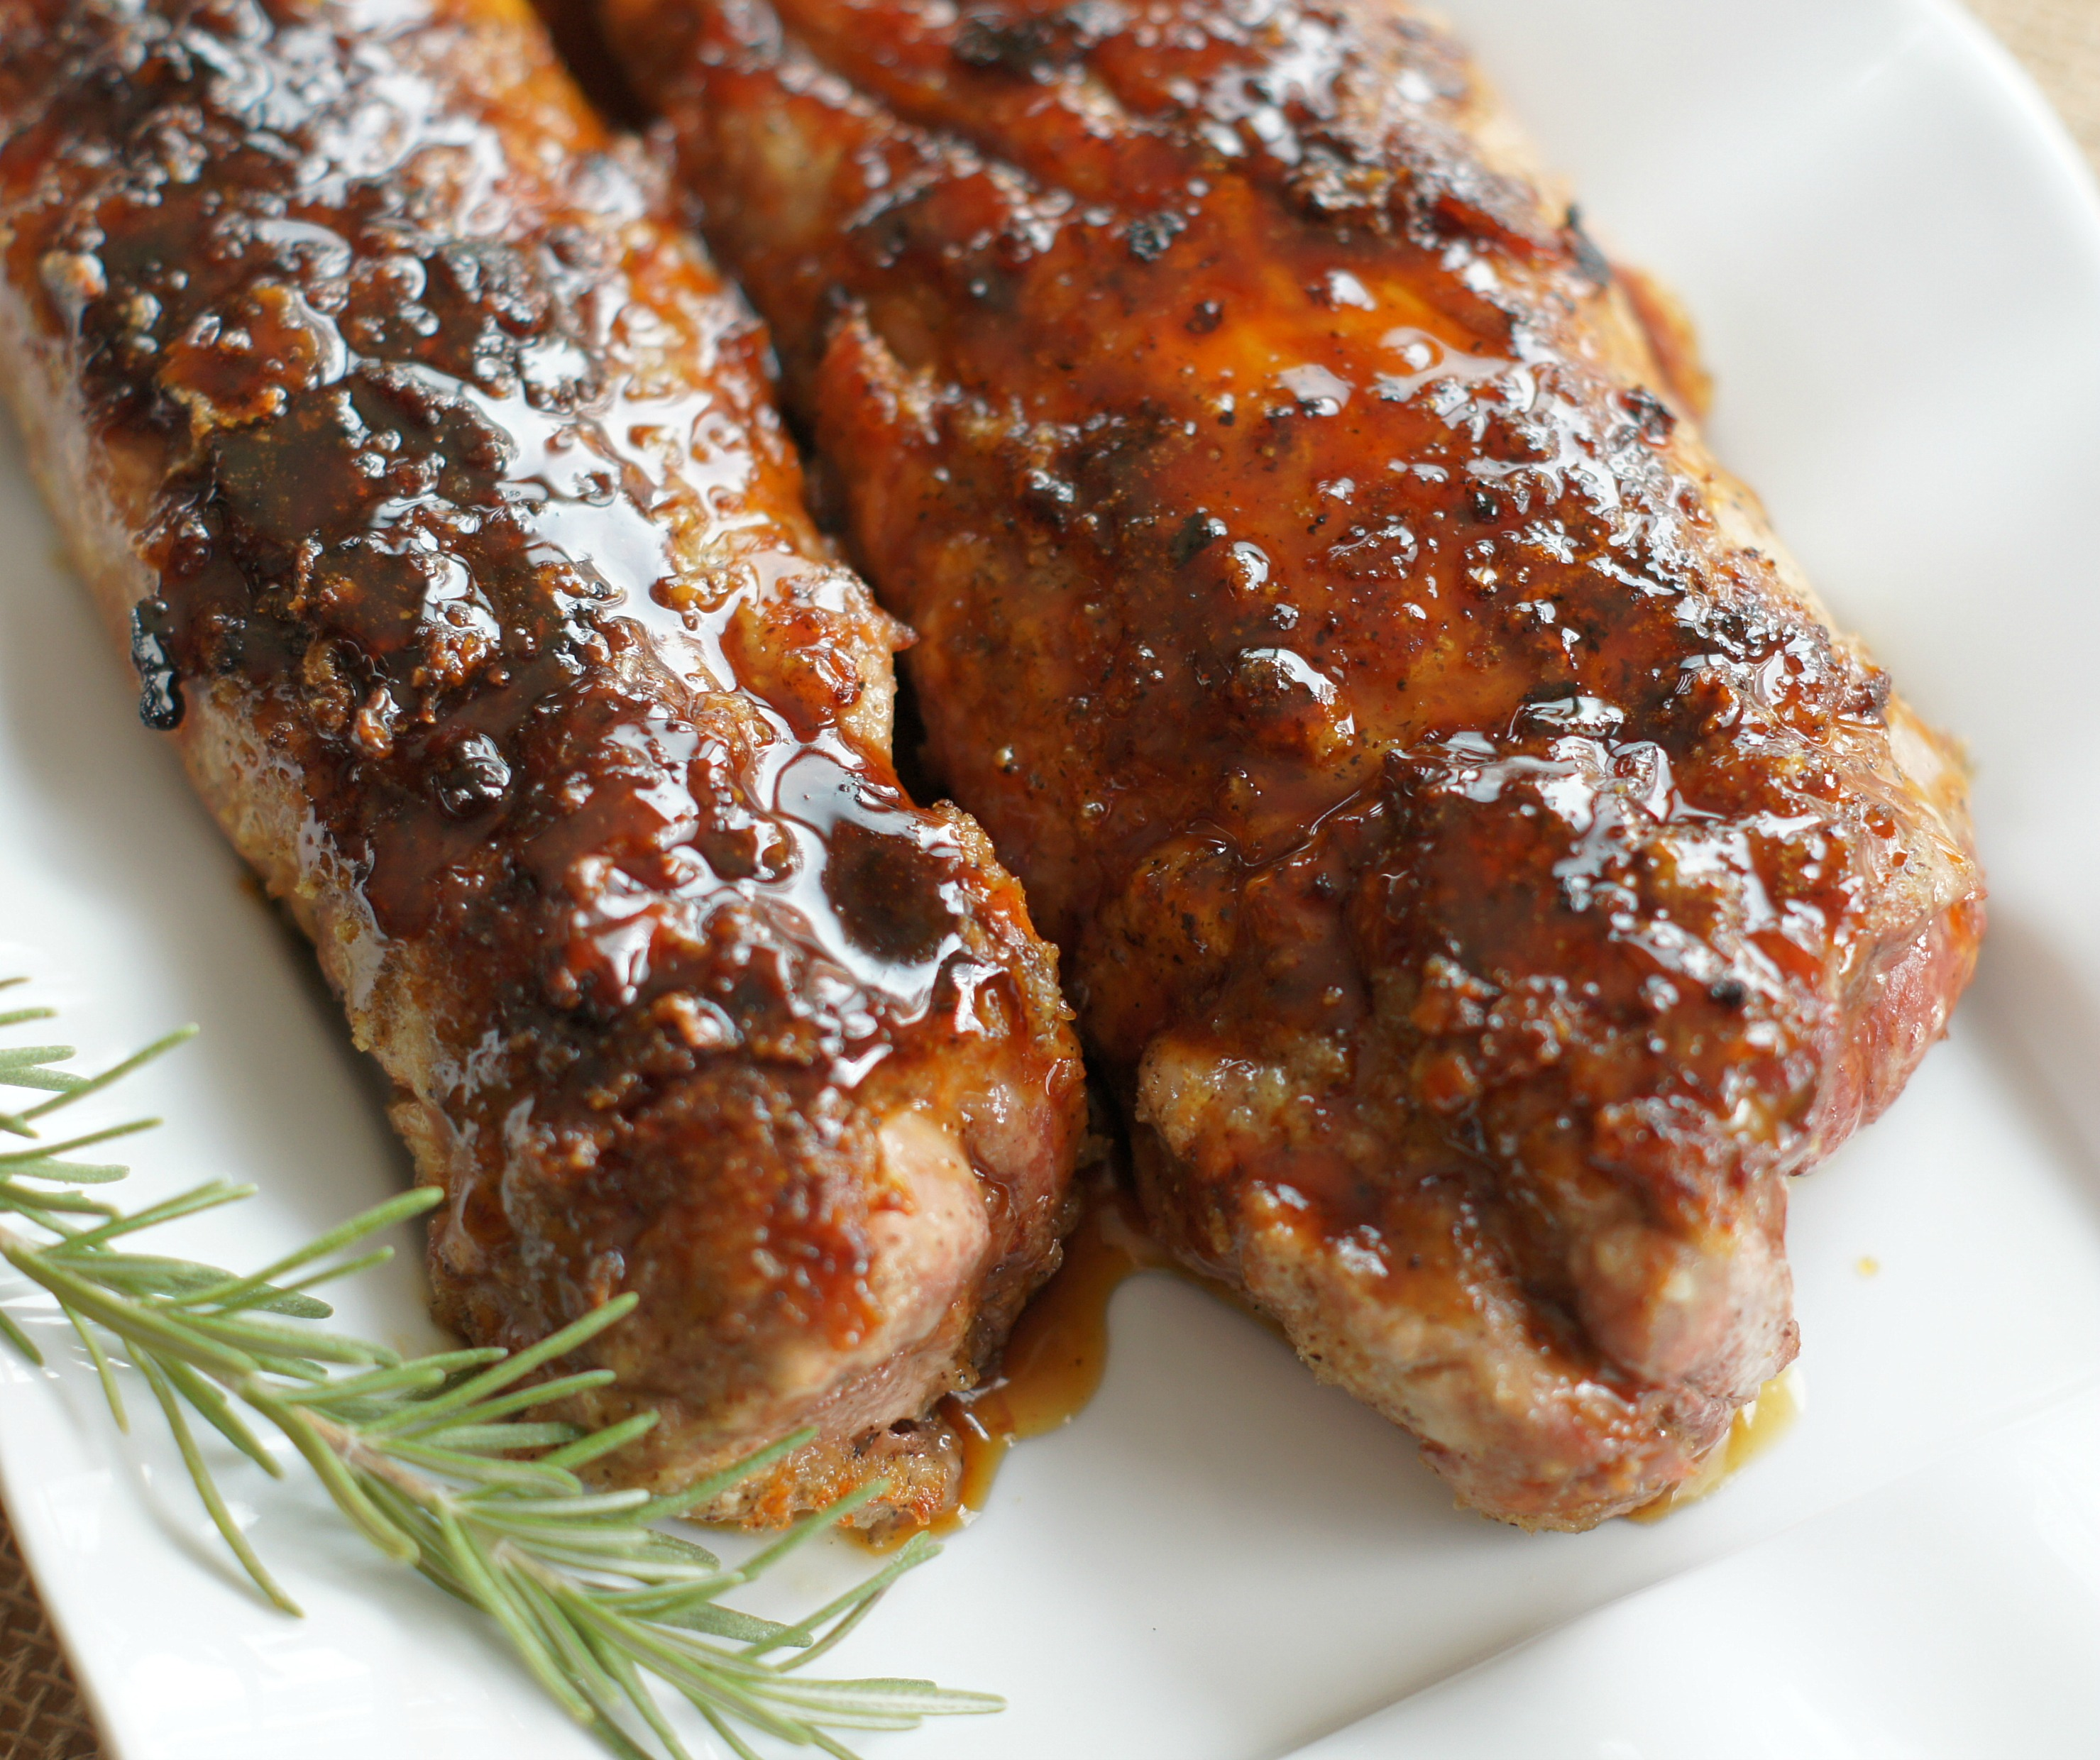 Roasted Pork Tenderloin: Roasted Maple-Glazed Pork Tenderloin